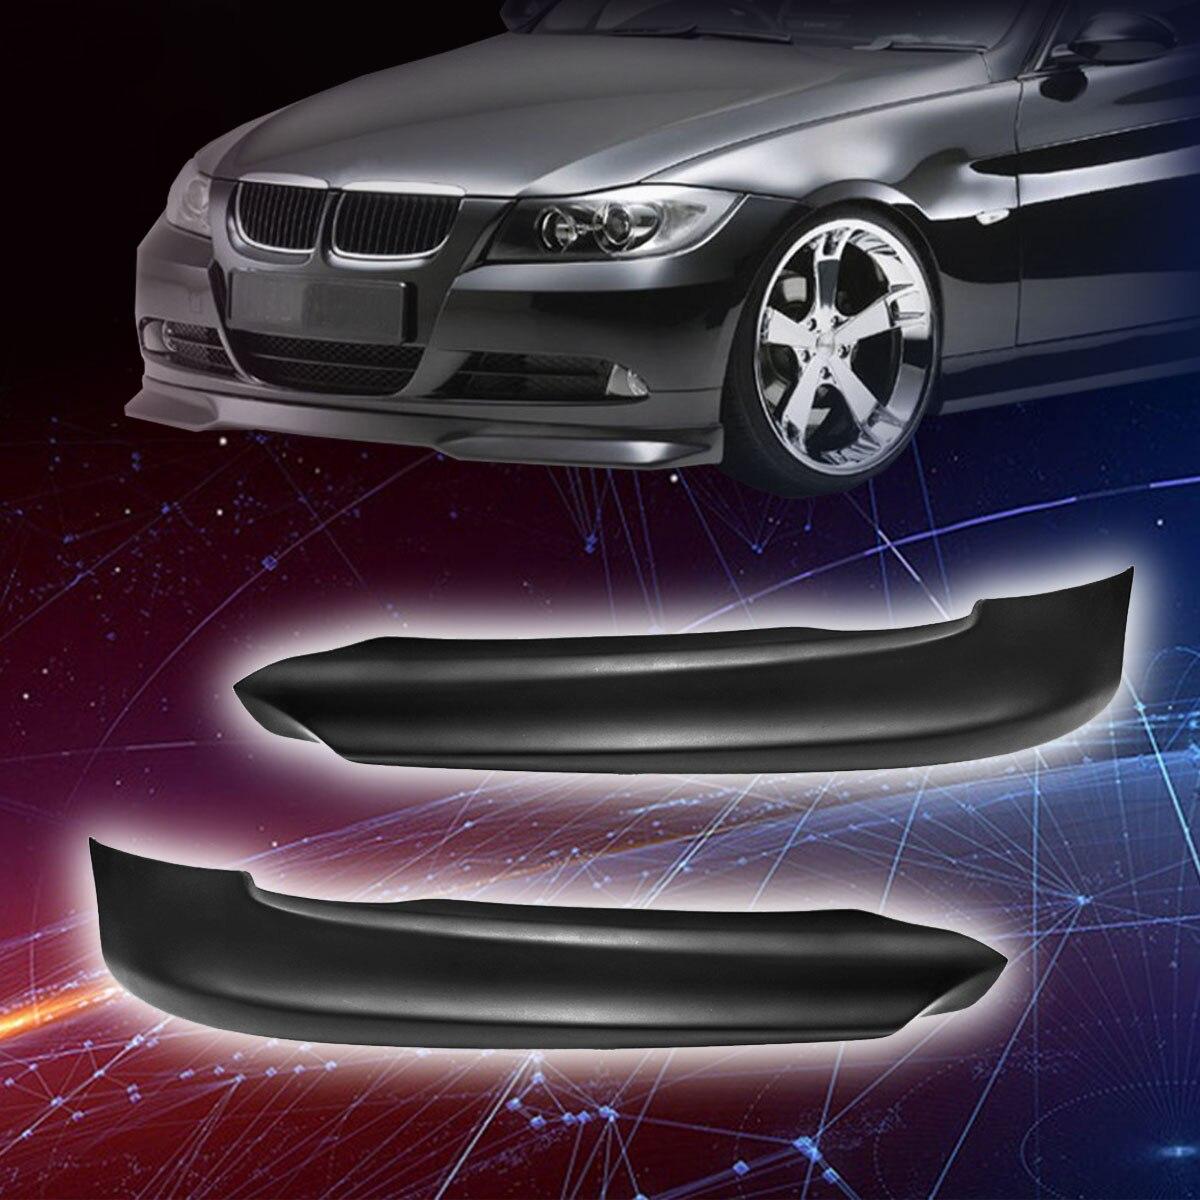 Pour BMW E90 325i 335i 328i 330i 2005 2006 2007 2008 1 paire Pare-chocs Avant Lip Spoiler Splitter de Haute qualité